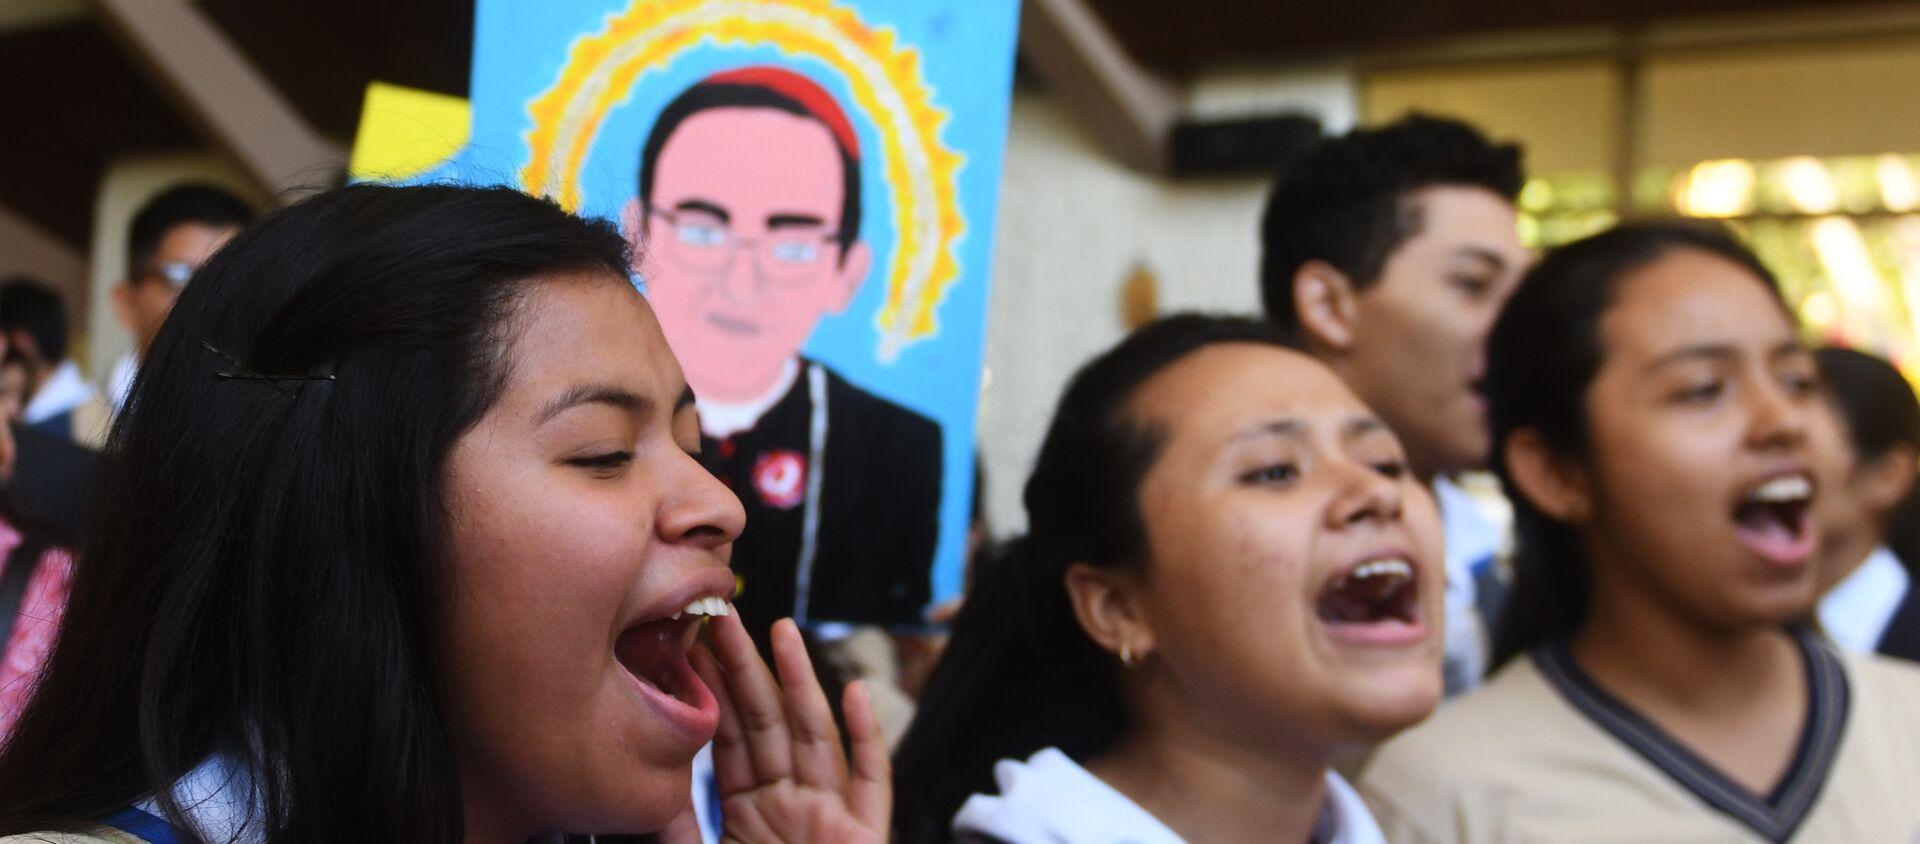 Los creyentes católicos celebran la canonización de monseñor Óscar Romero, arzobispo salvadoreño - Sputnik Mundo, 1920, 14.03.2018